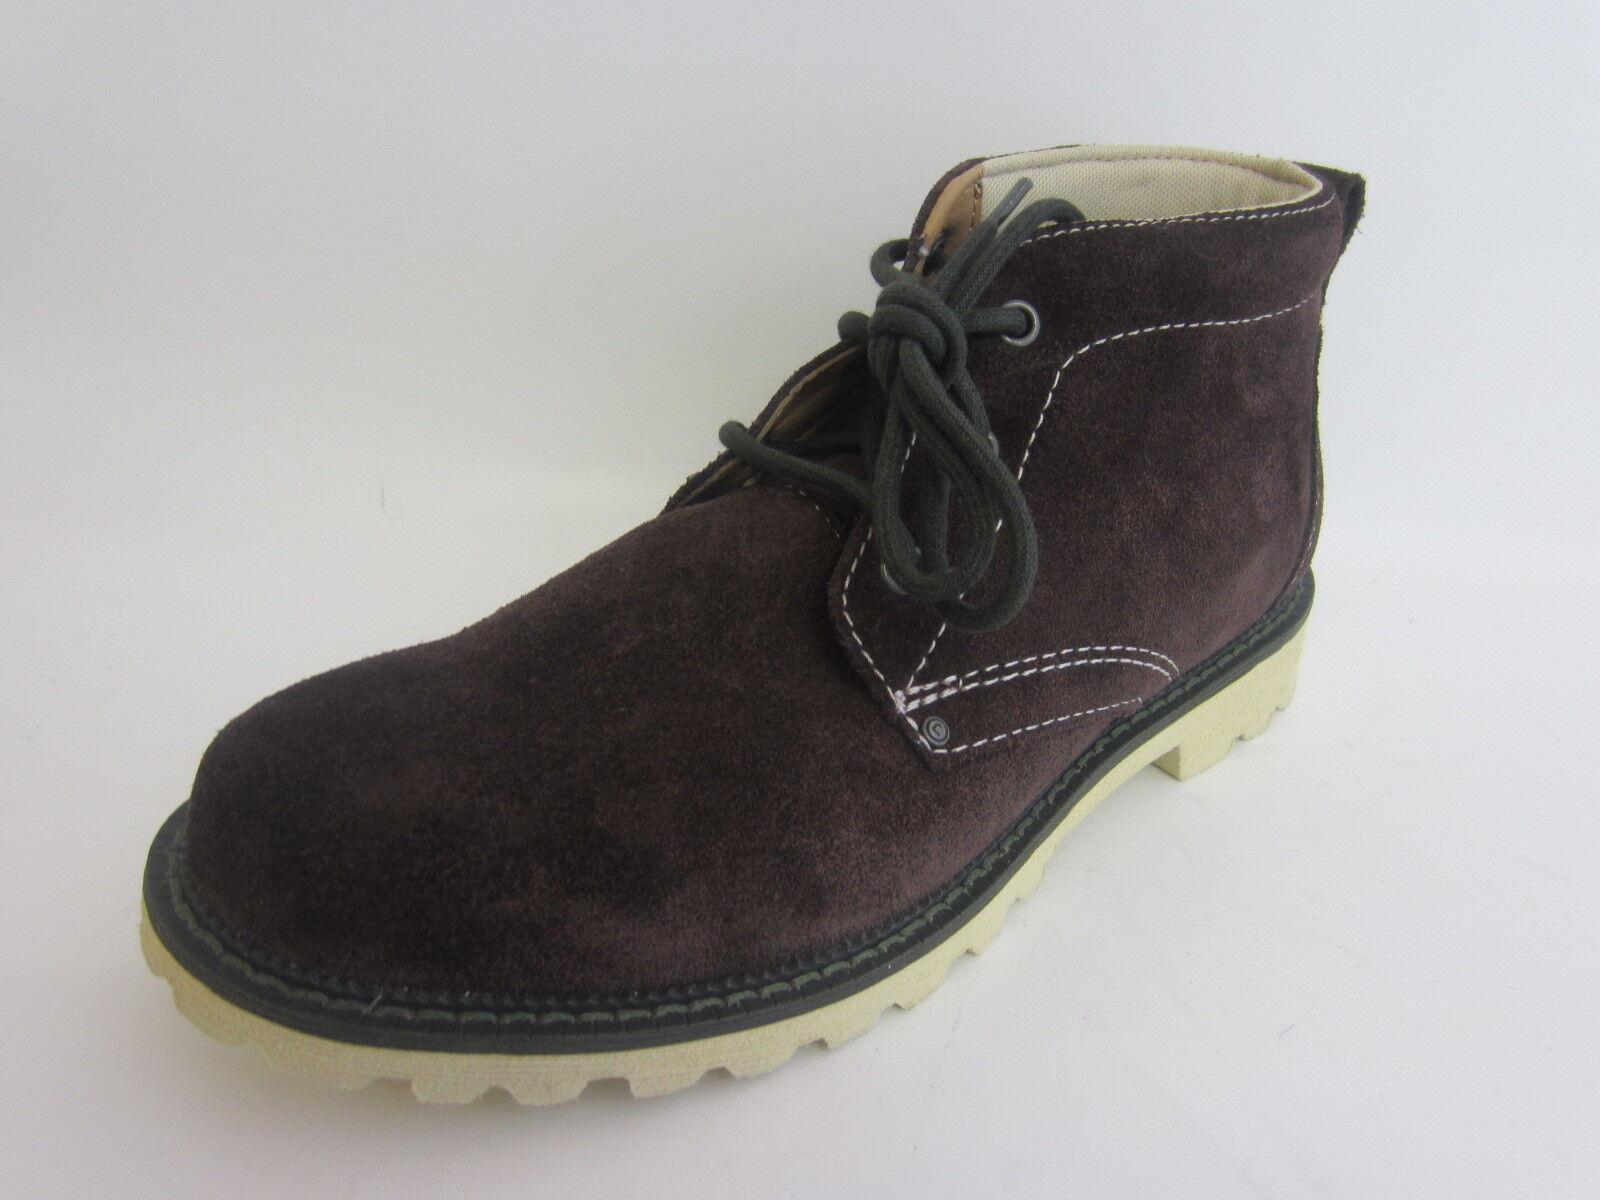 Rockport k61878 Tannenzapfen Stiefel (R40b) (64B)